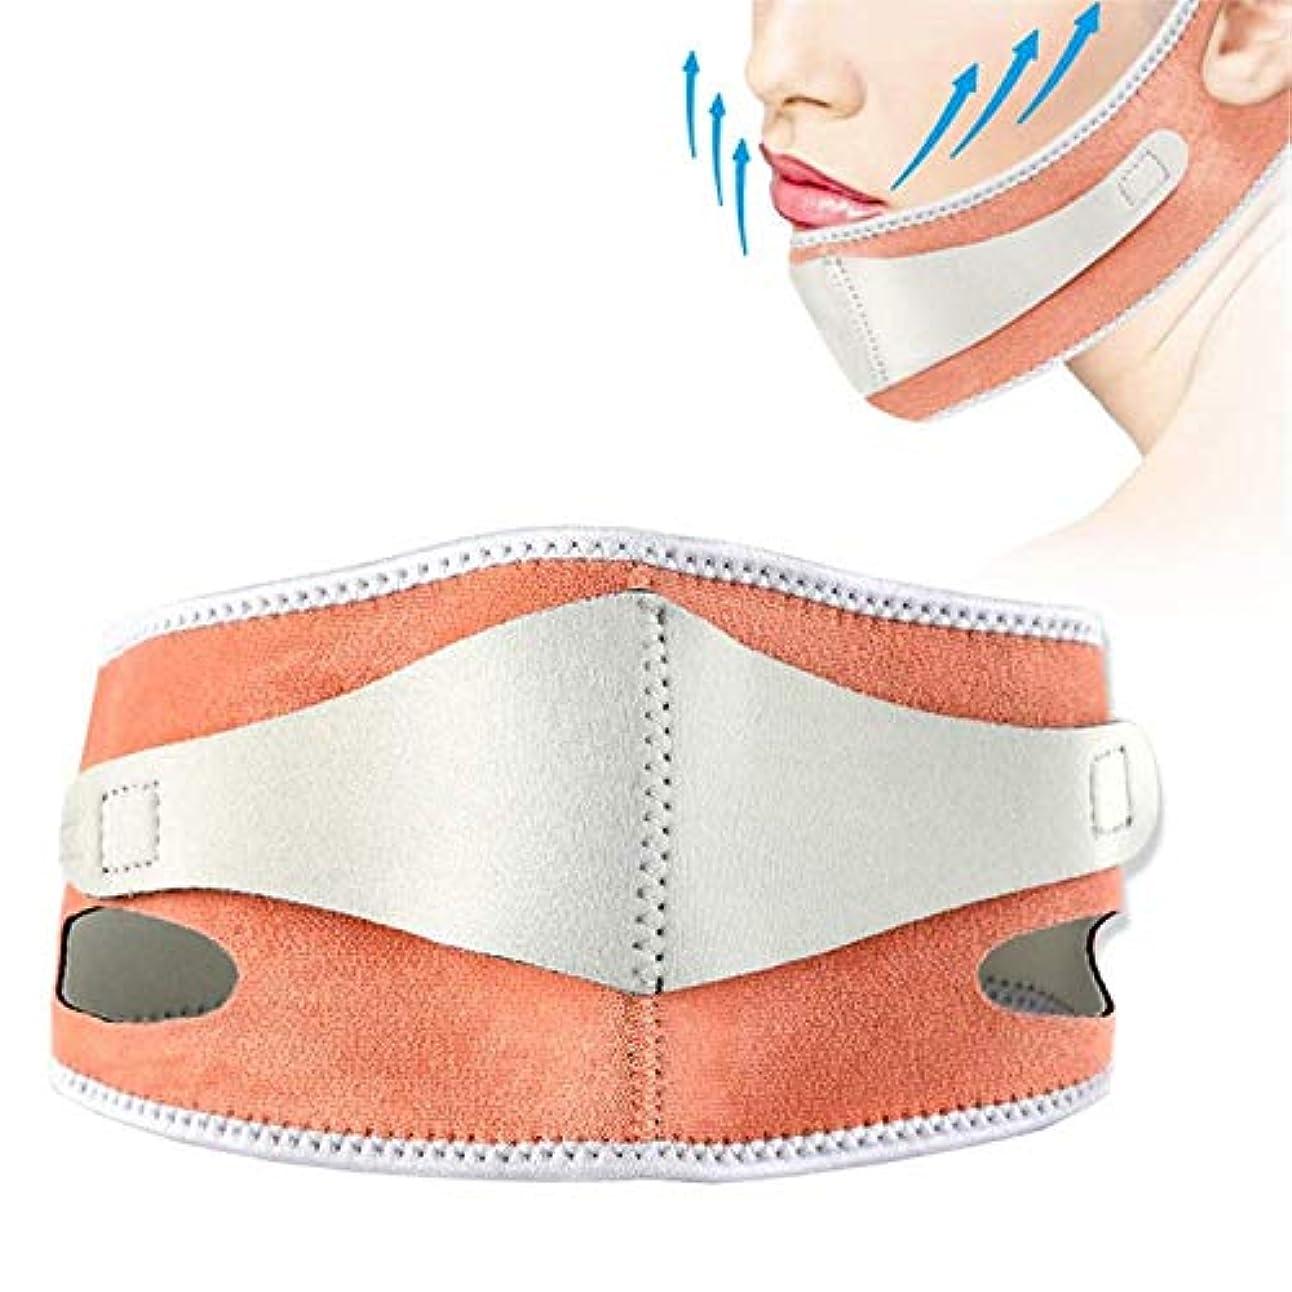 予算法的イライラするフェイシャルスリミングベルト、Vフェイスシェイピングベルト、頬補強ベルト、美容弾性スリーブ薄い顔術後回復包帯、減量包帯を削除するには二重あご、フェイスリフト減量睡眠マスク包帯